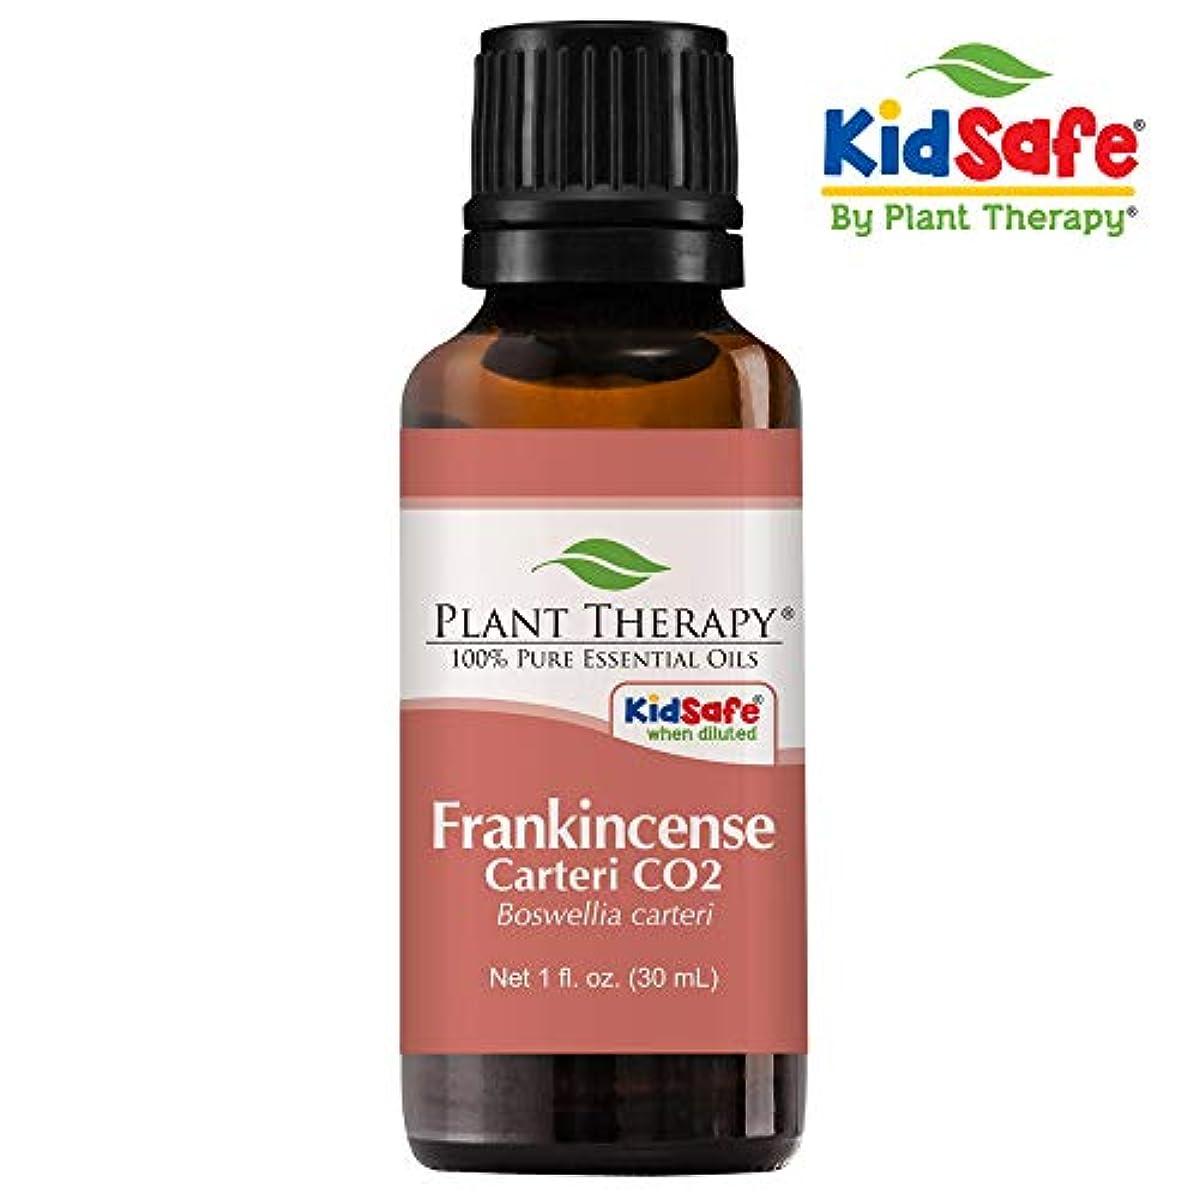 軽く学部鈍いフランキンセンスCarteri CO2 30 mLのエッセンシャルオイル100%ピュア、治療グレード